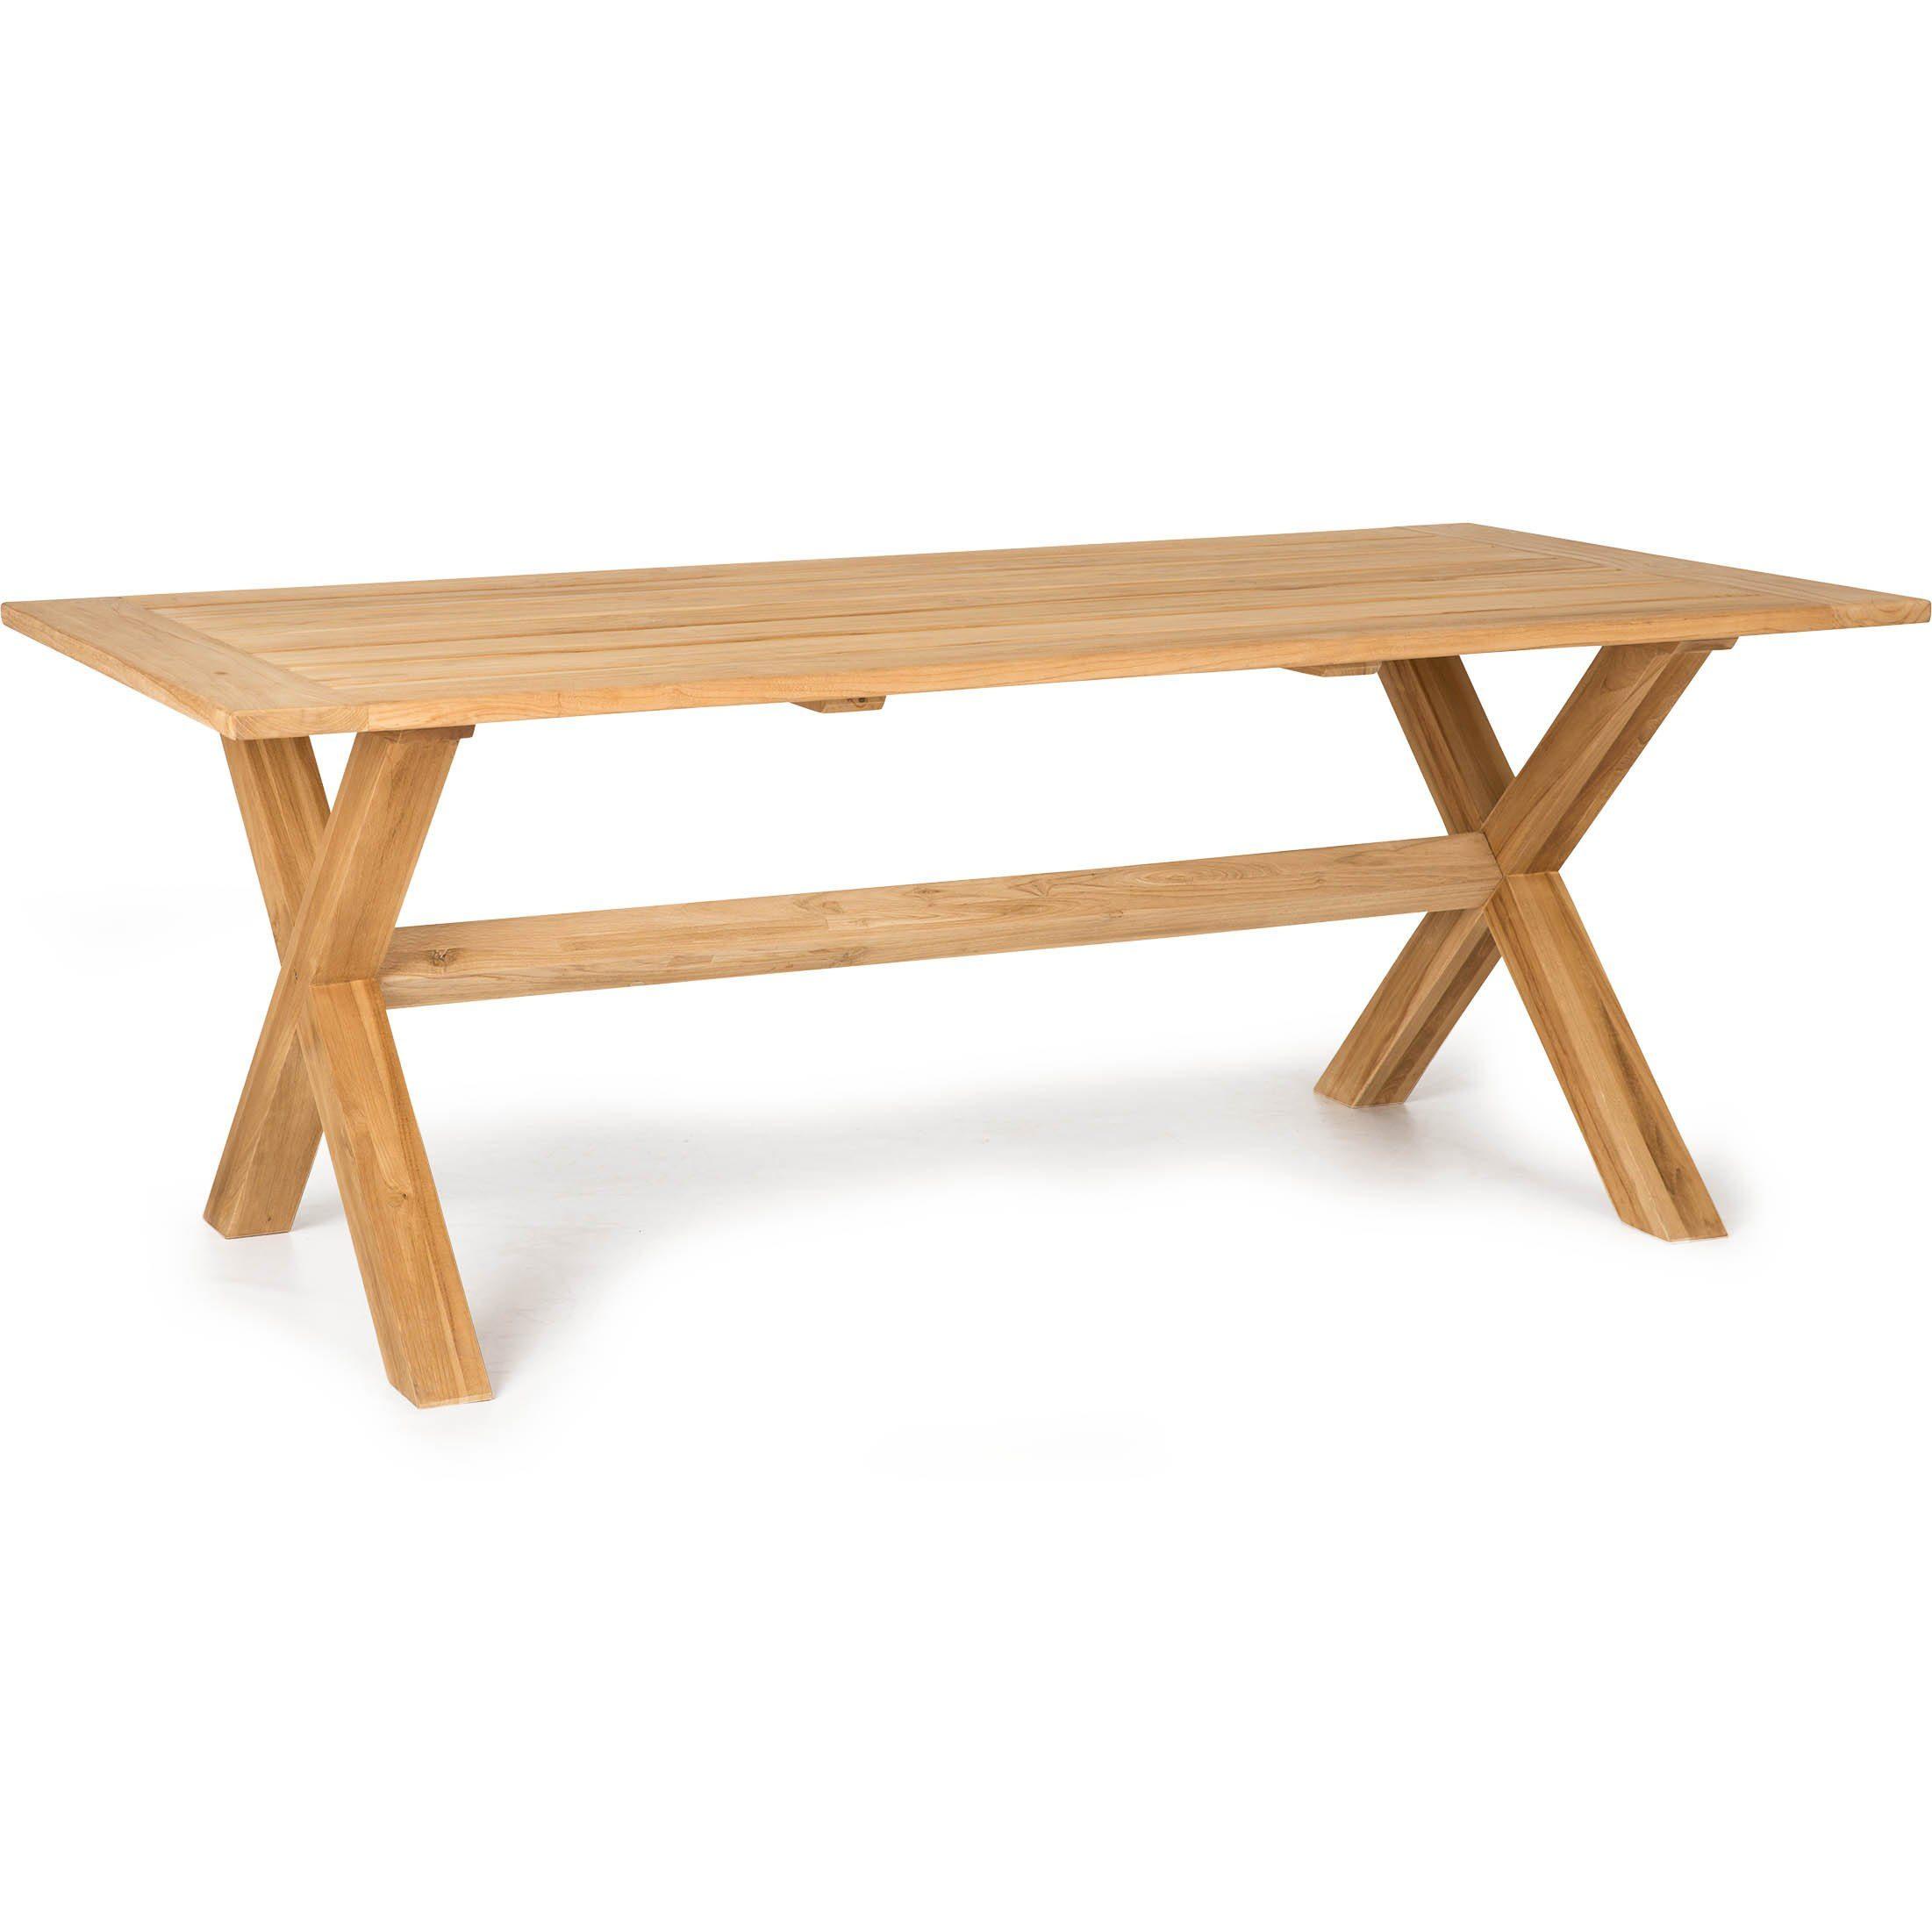 X-teak matbord 200x100 cm i teak från Atleve.